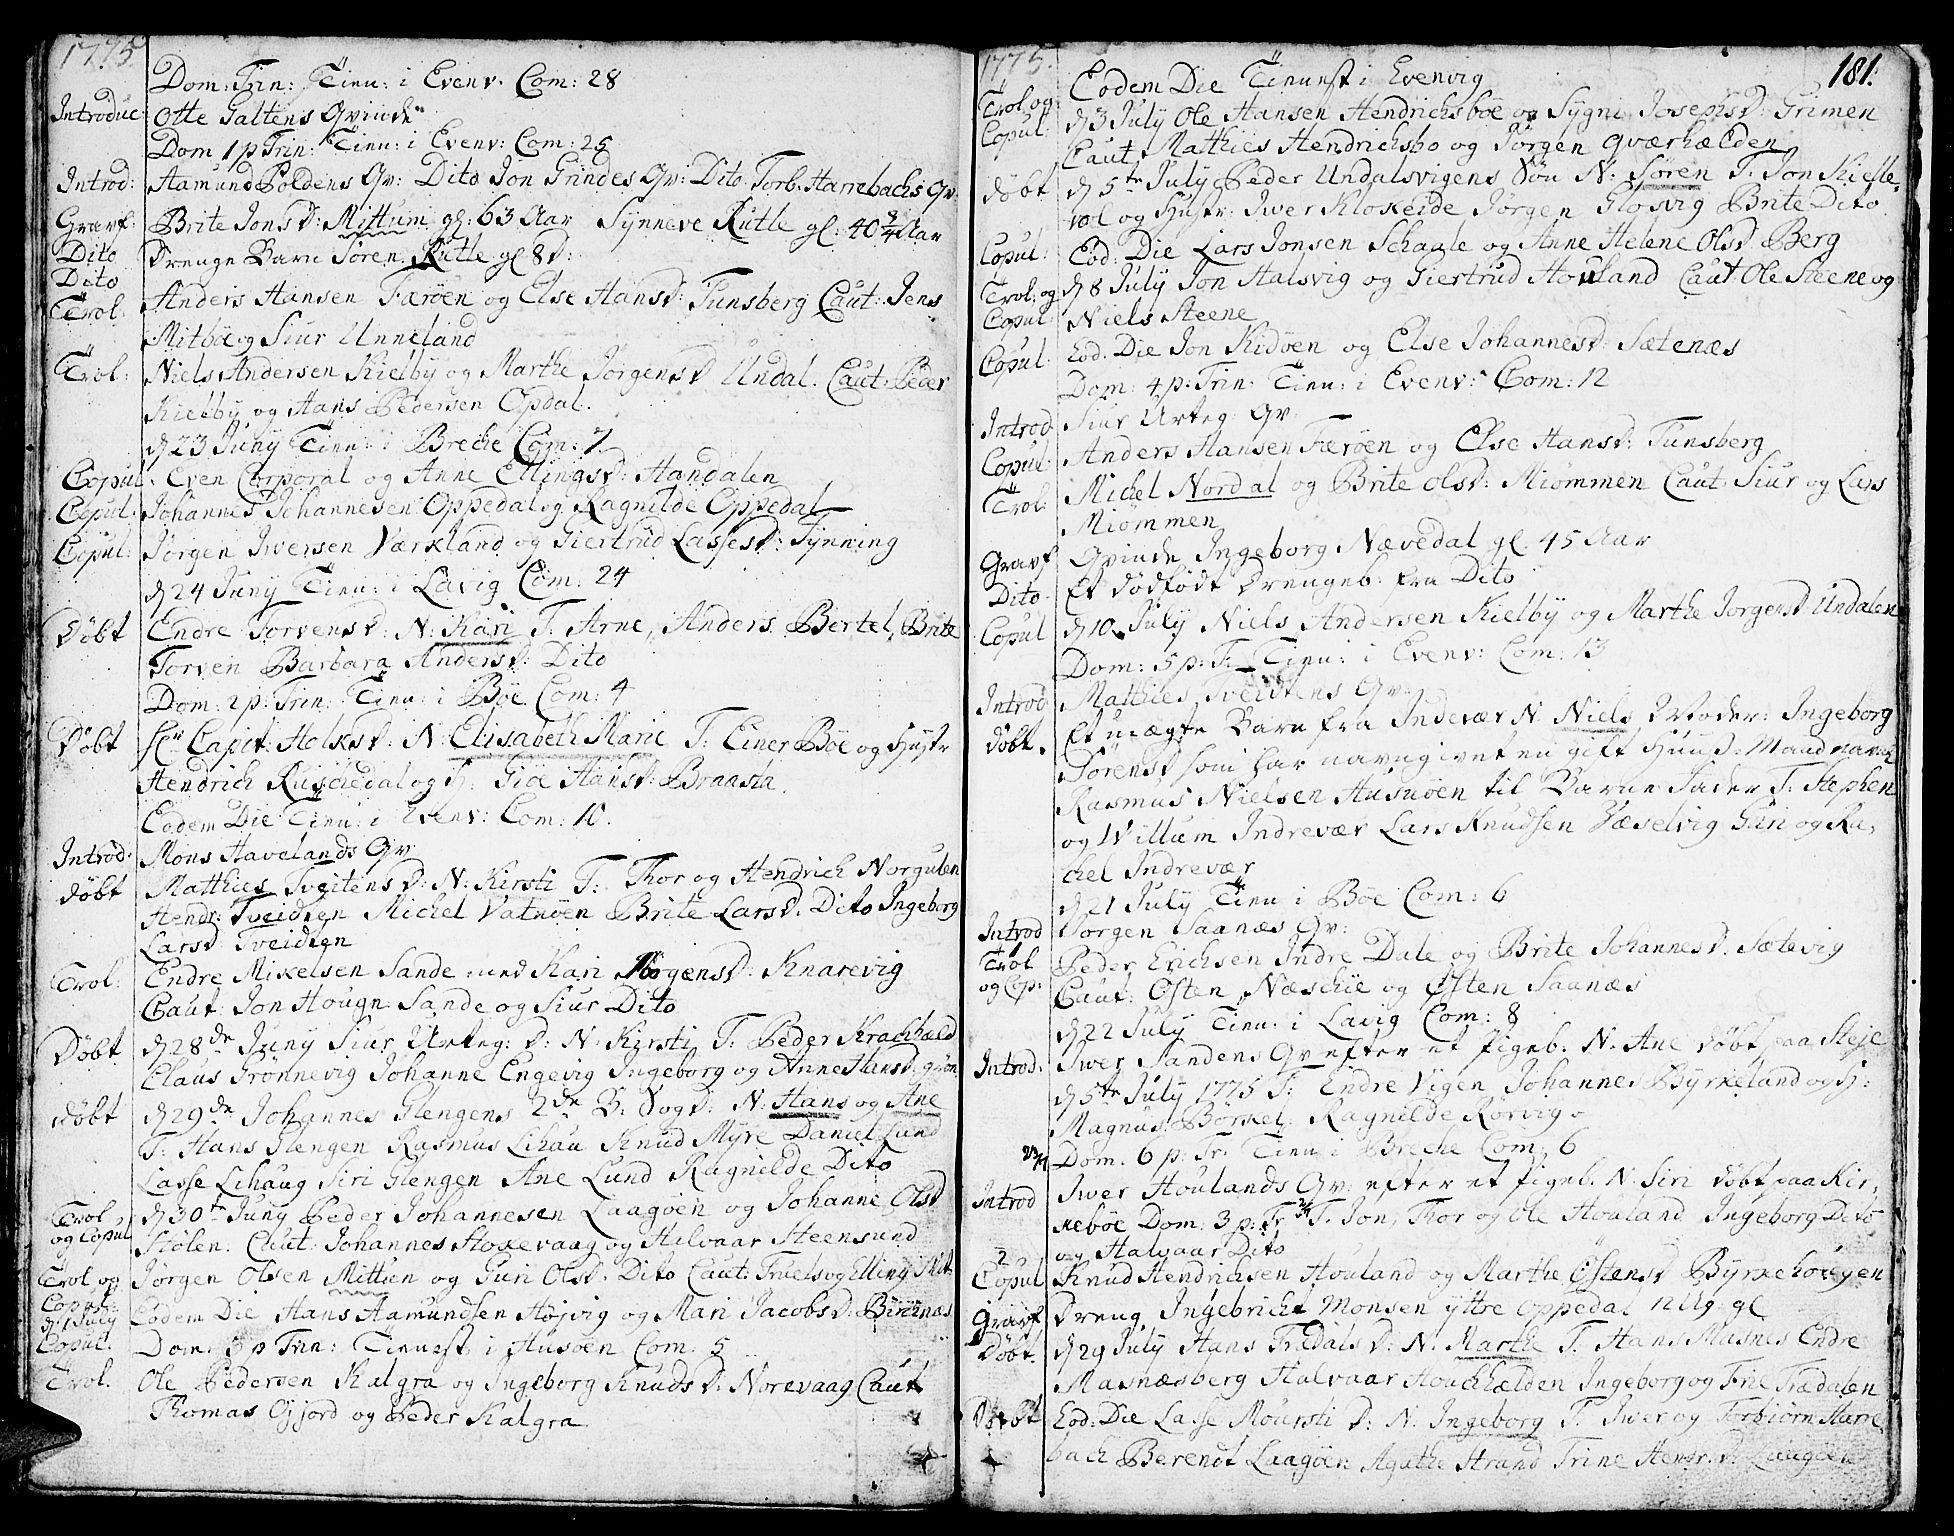 SAB, Gulen sokneprestembete, Ministerialbok nr. A 12, 1749-1776, s. 181